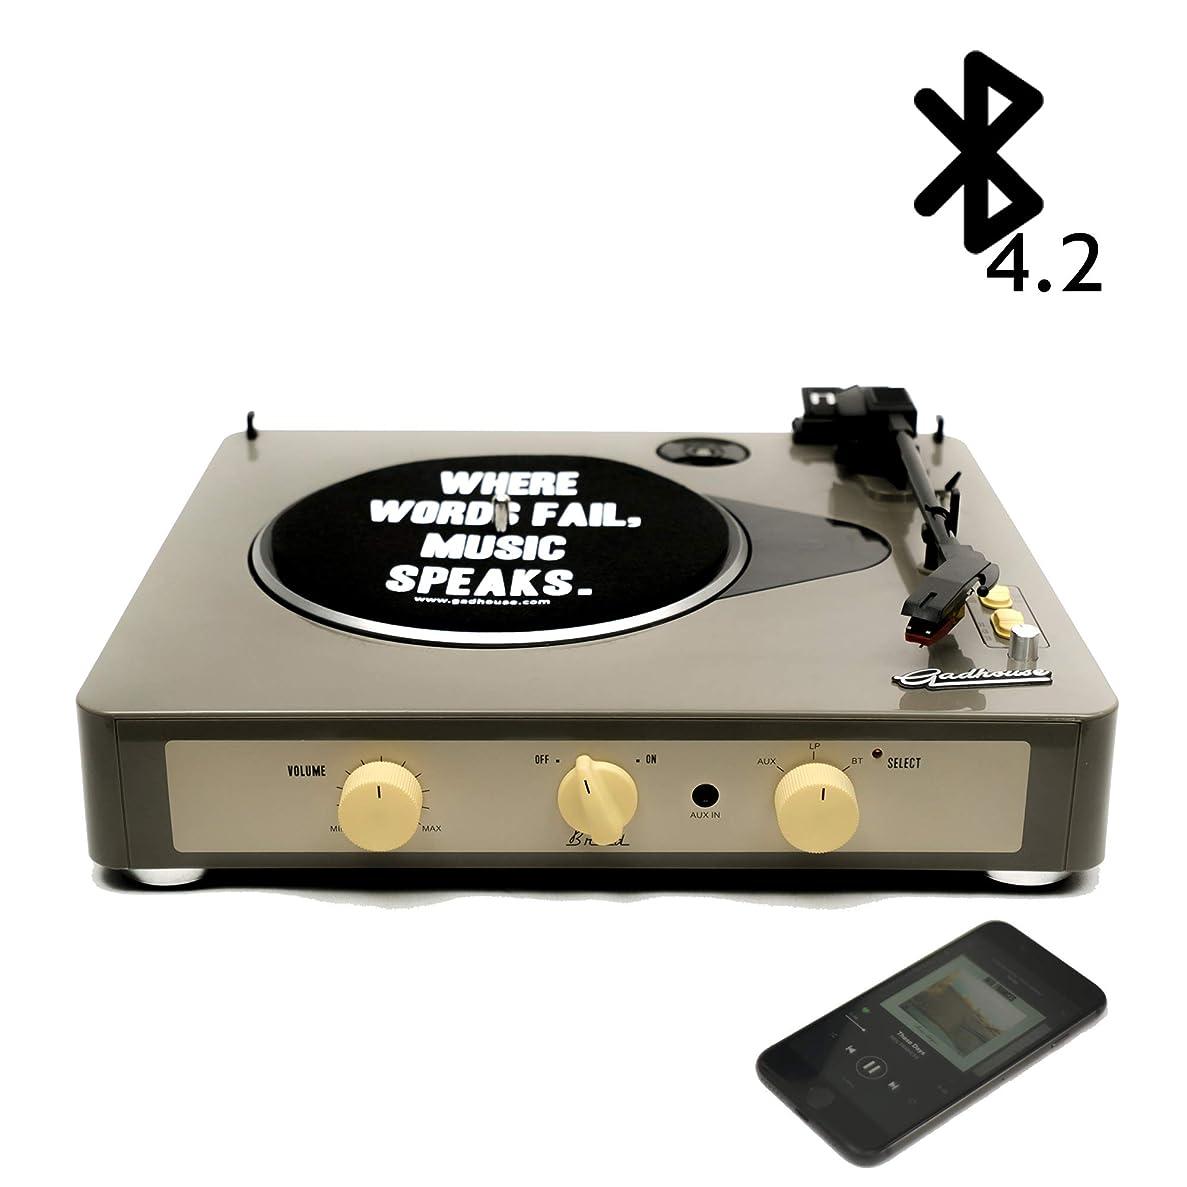 悪魔レモン歌Gadhouse Brad ヴィンテージレコードプレーヤー ブルートゥースでの3倍速ターンテーブル、ステレオスピーカー、ヘッドフォンジャック、スマートフォン用のAUXインプット、RCAラインアウトジャック (Grey)